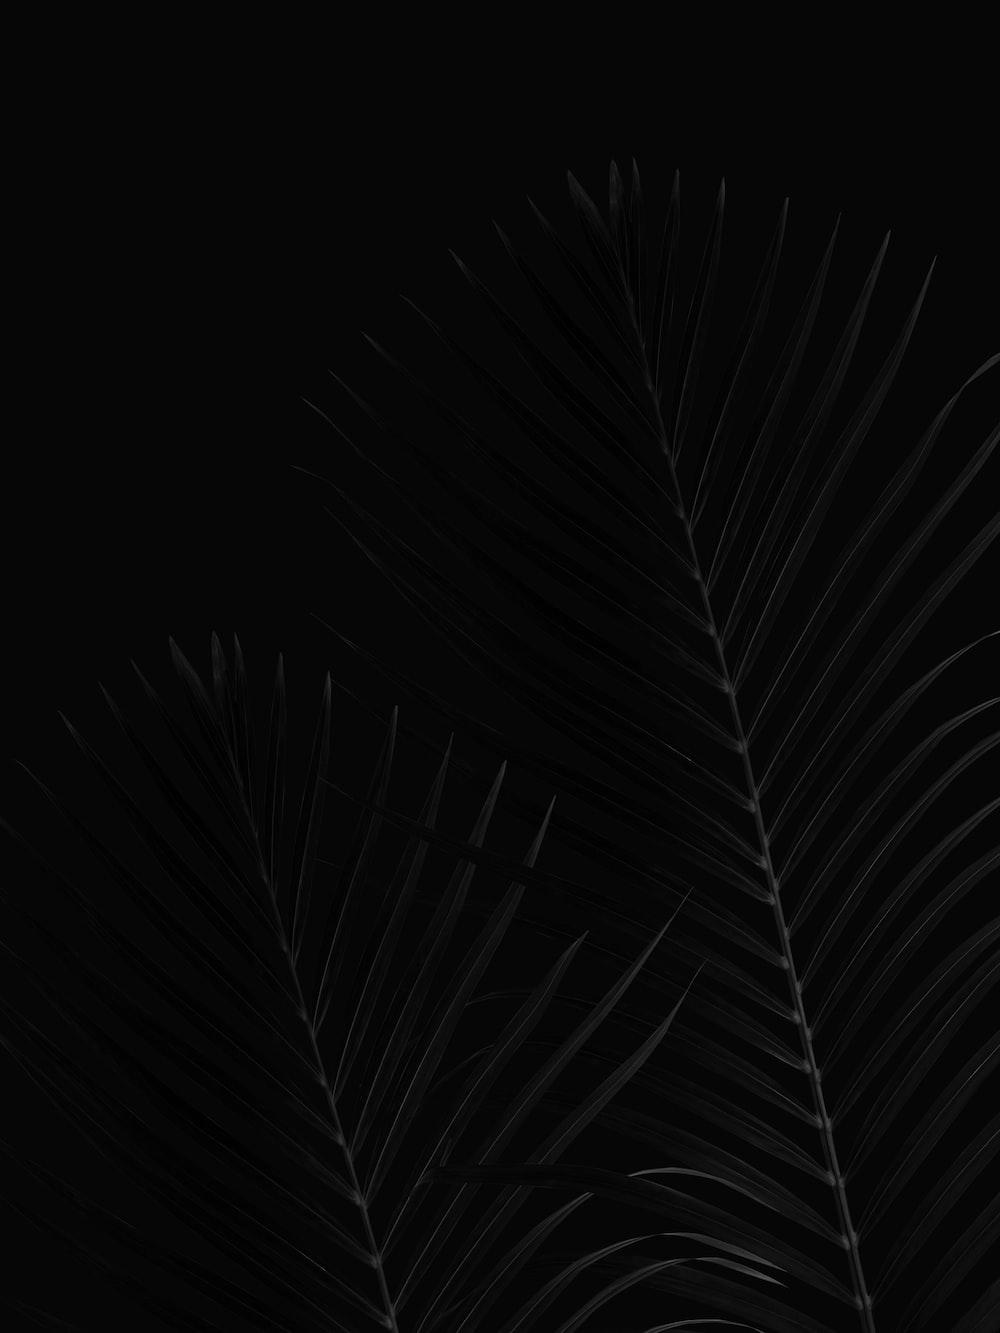 black and white leaf illustration